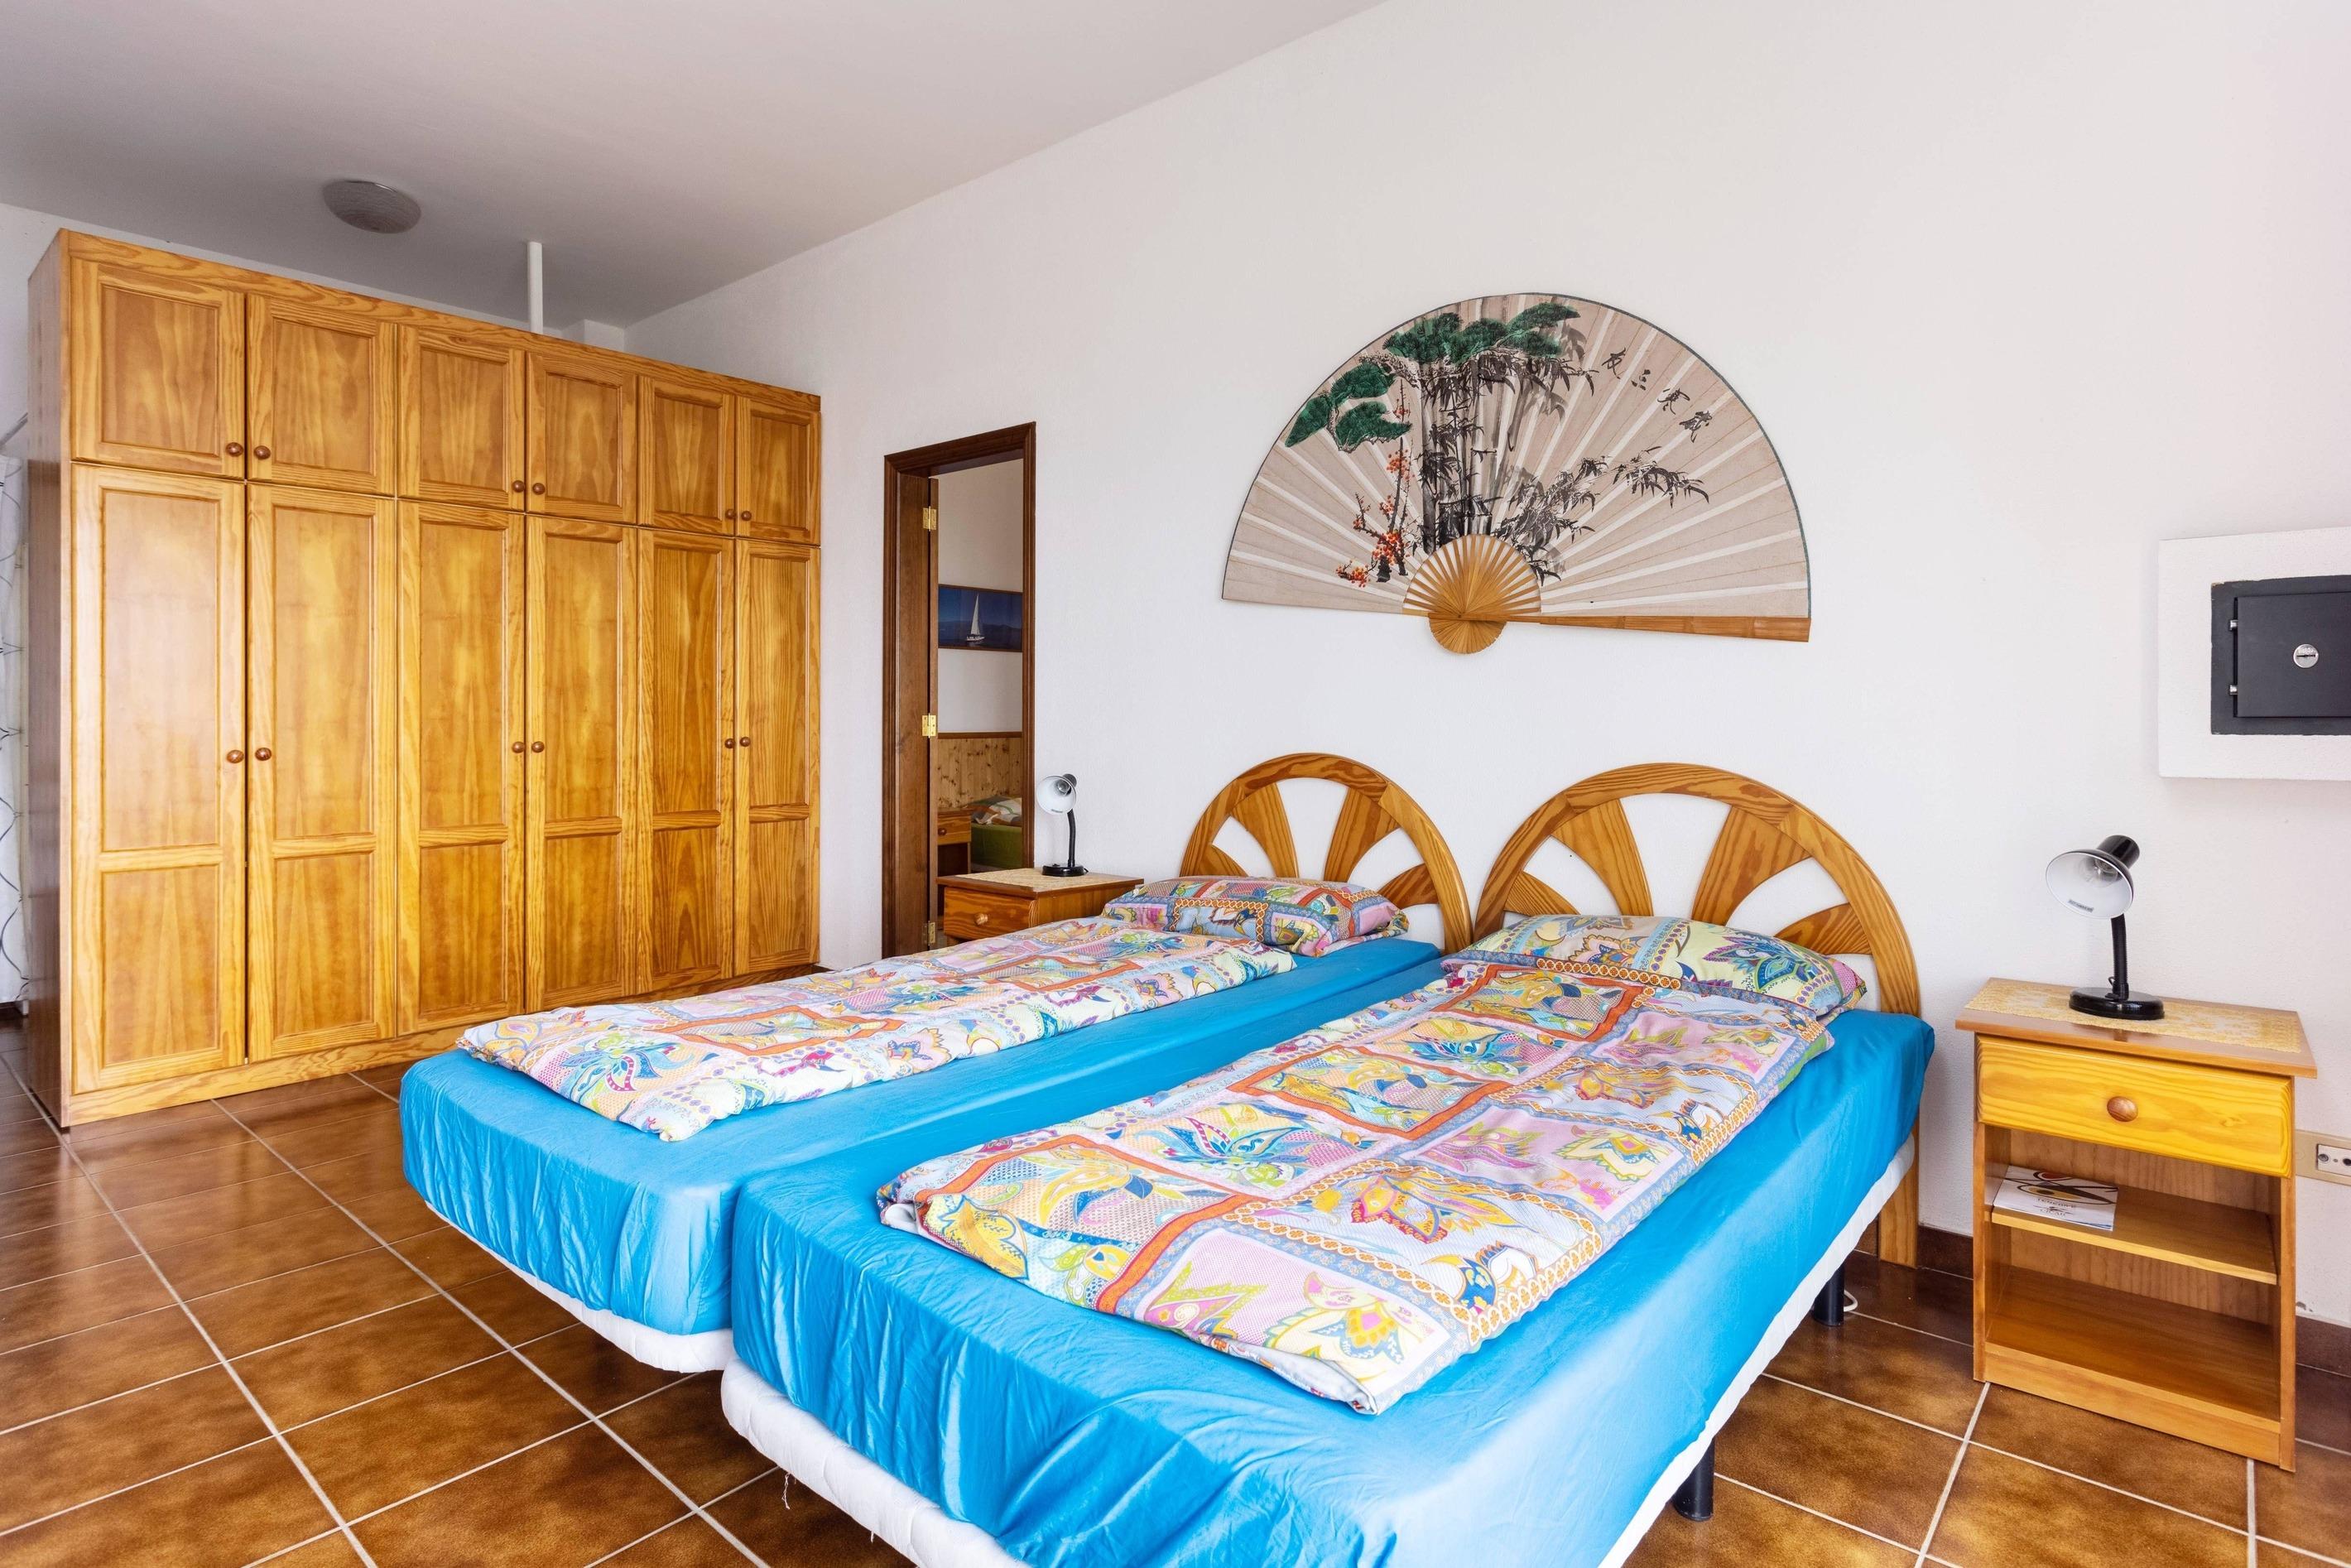 Appartement de vacances Fewo Solymar, mit 2 Schlafzimmern, 2 Bädern, eigener Terrasse und Garten, Meerblick, Pool, (2492986), Santa Ursula, Ténérife, Iles Canaries, Espagne, image 13